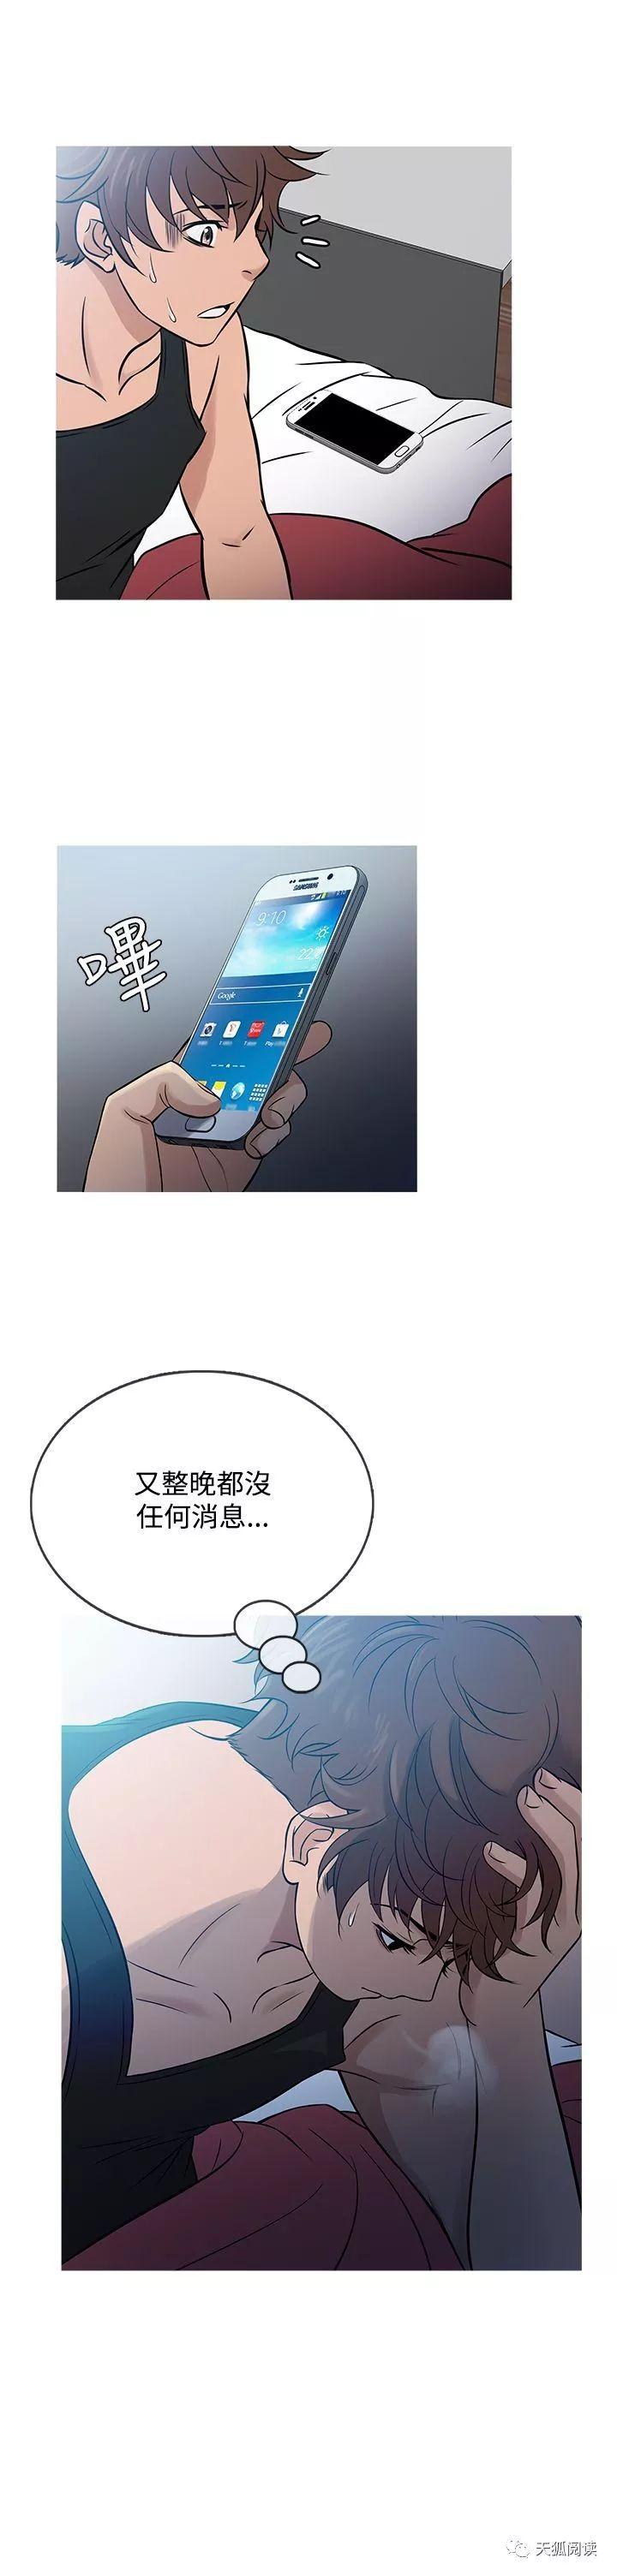 恋爱漫画:应召先生 第49到51话 -天狐阅读